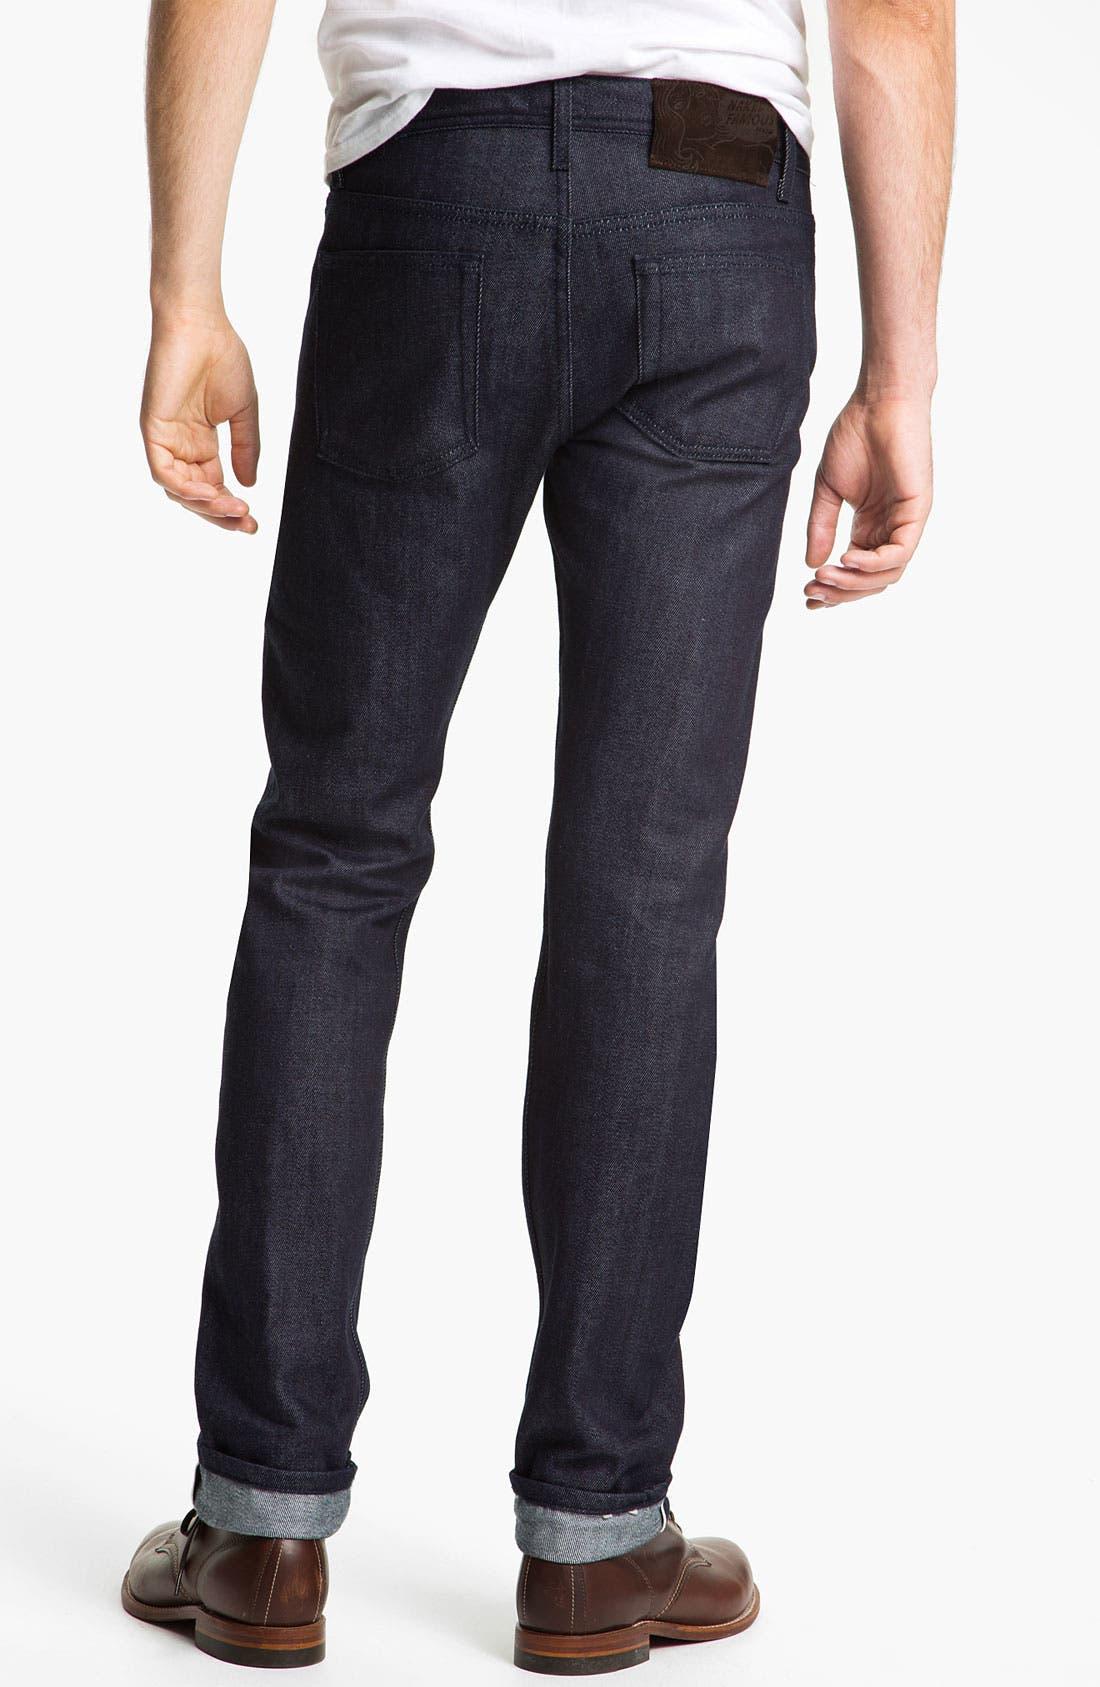 Alternate Image 1 Selected - Naked & Famous Denim 'Weird Guy' Slim Straight Leg Selvedge Jeans (Indigo)